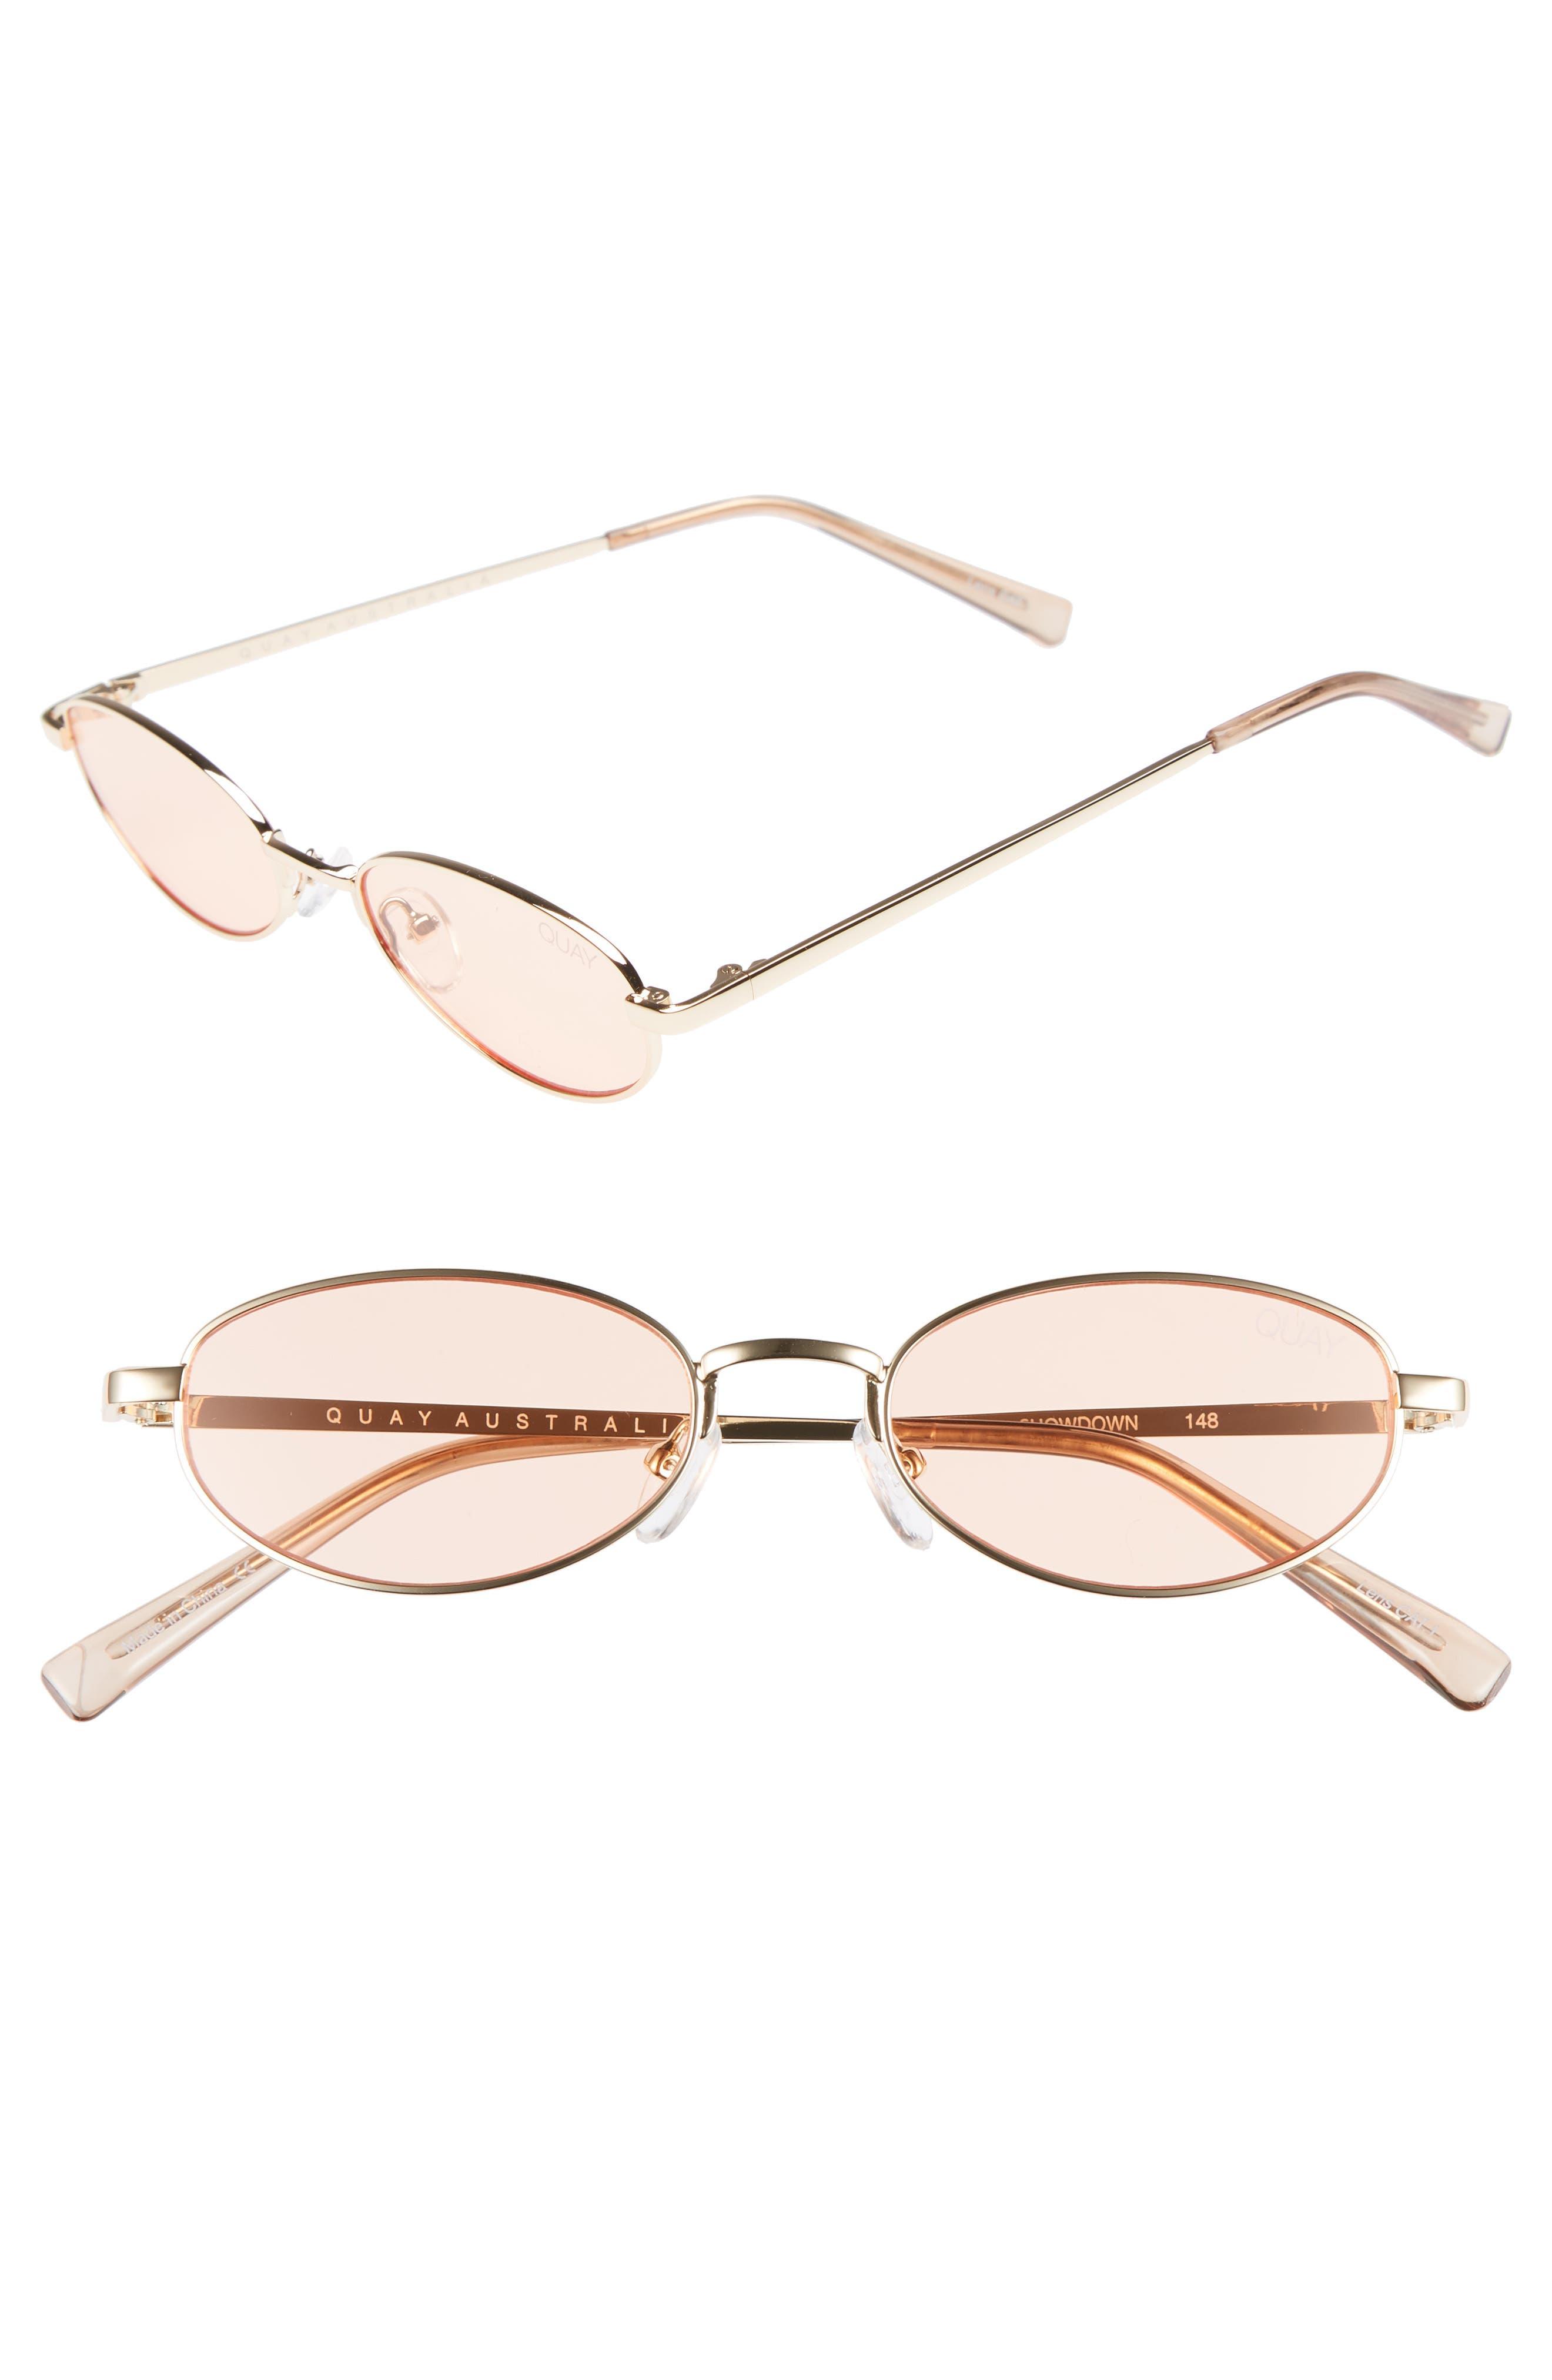 49mm Showdown Oval Sunglasses,                         Main,                         color, GOLD